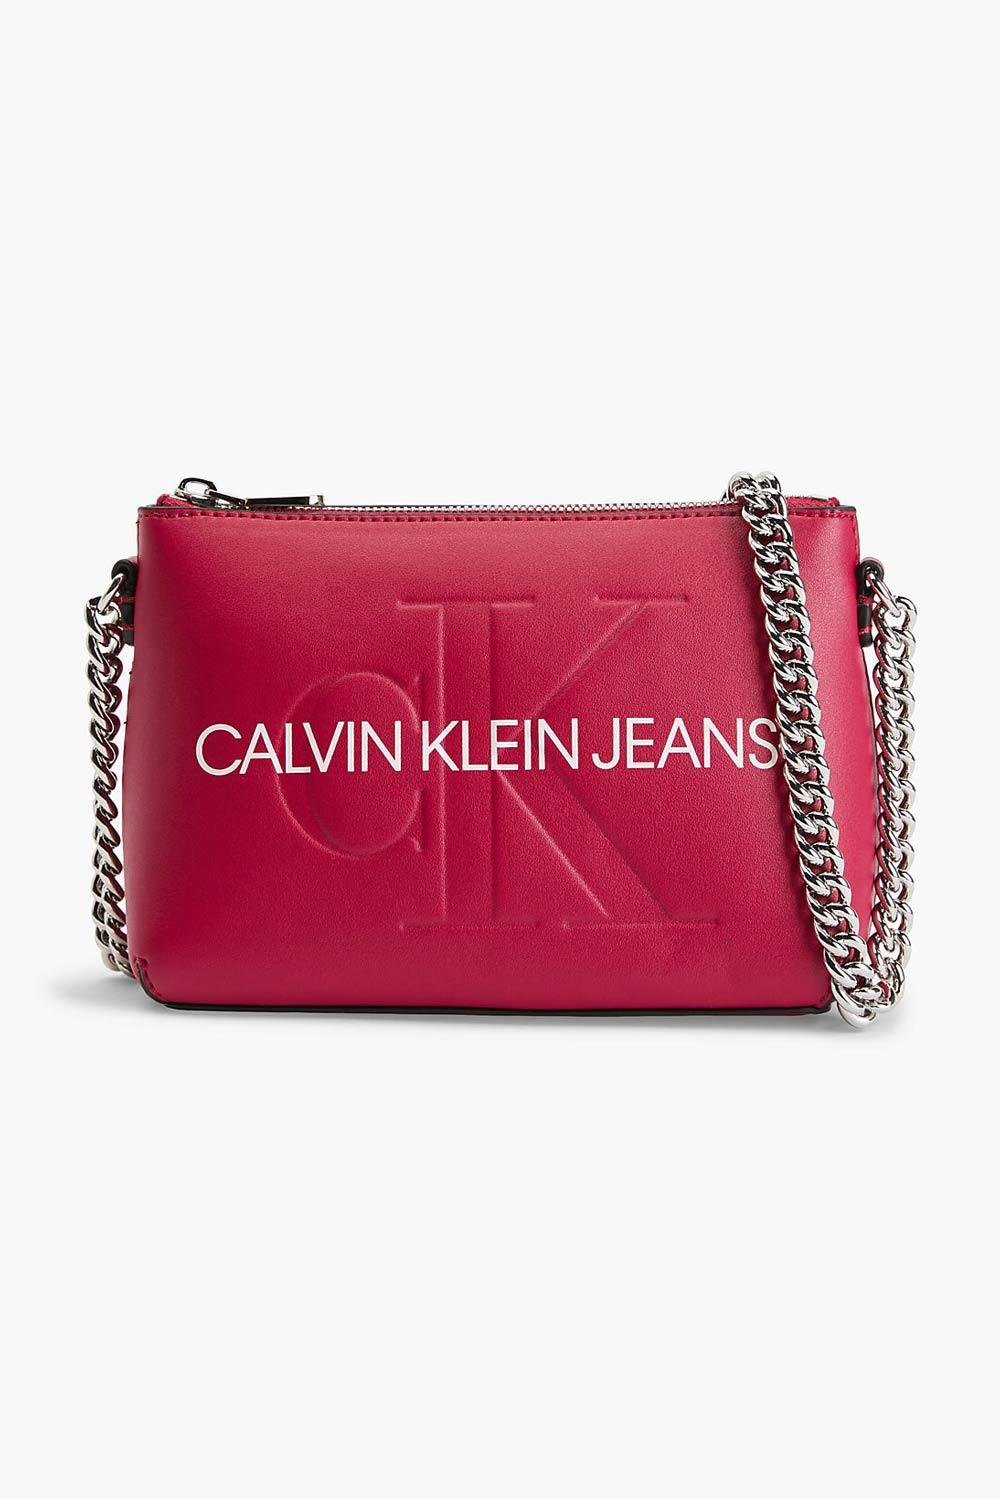 Calvin Klein fukszia crossbody kézitáska Camera Pouch